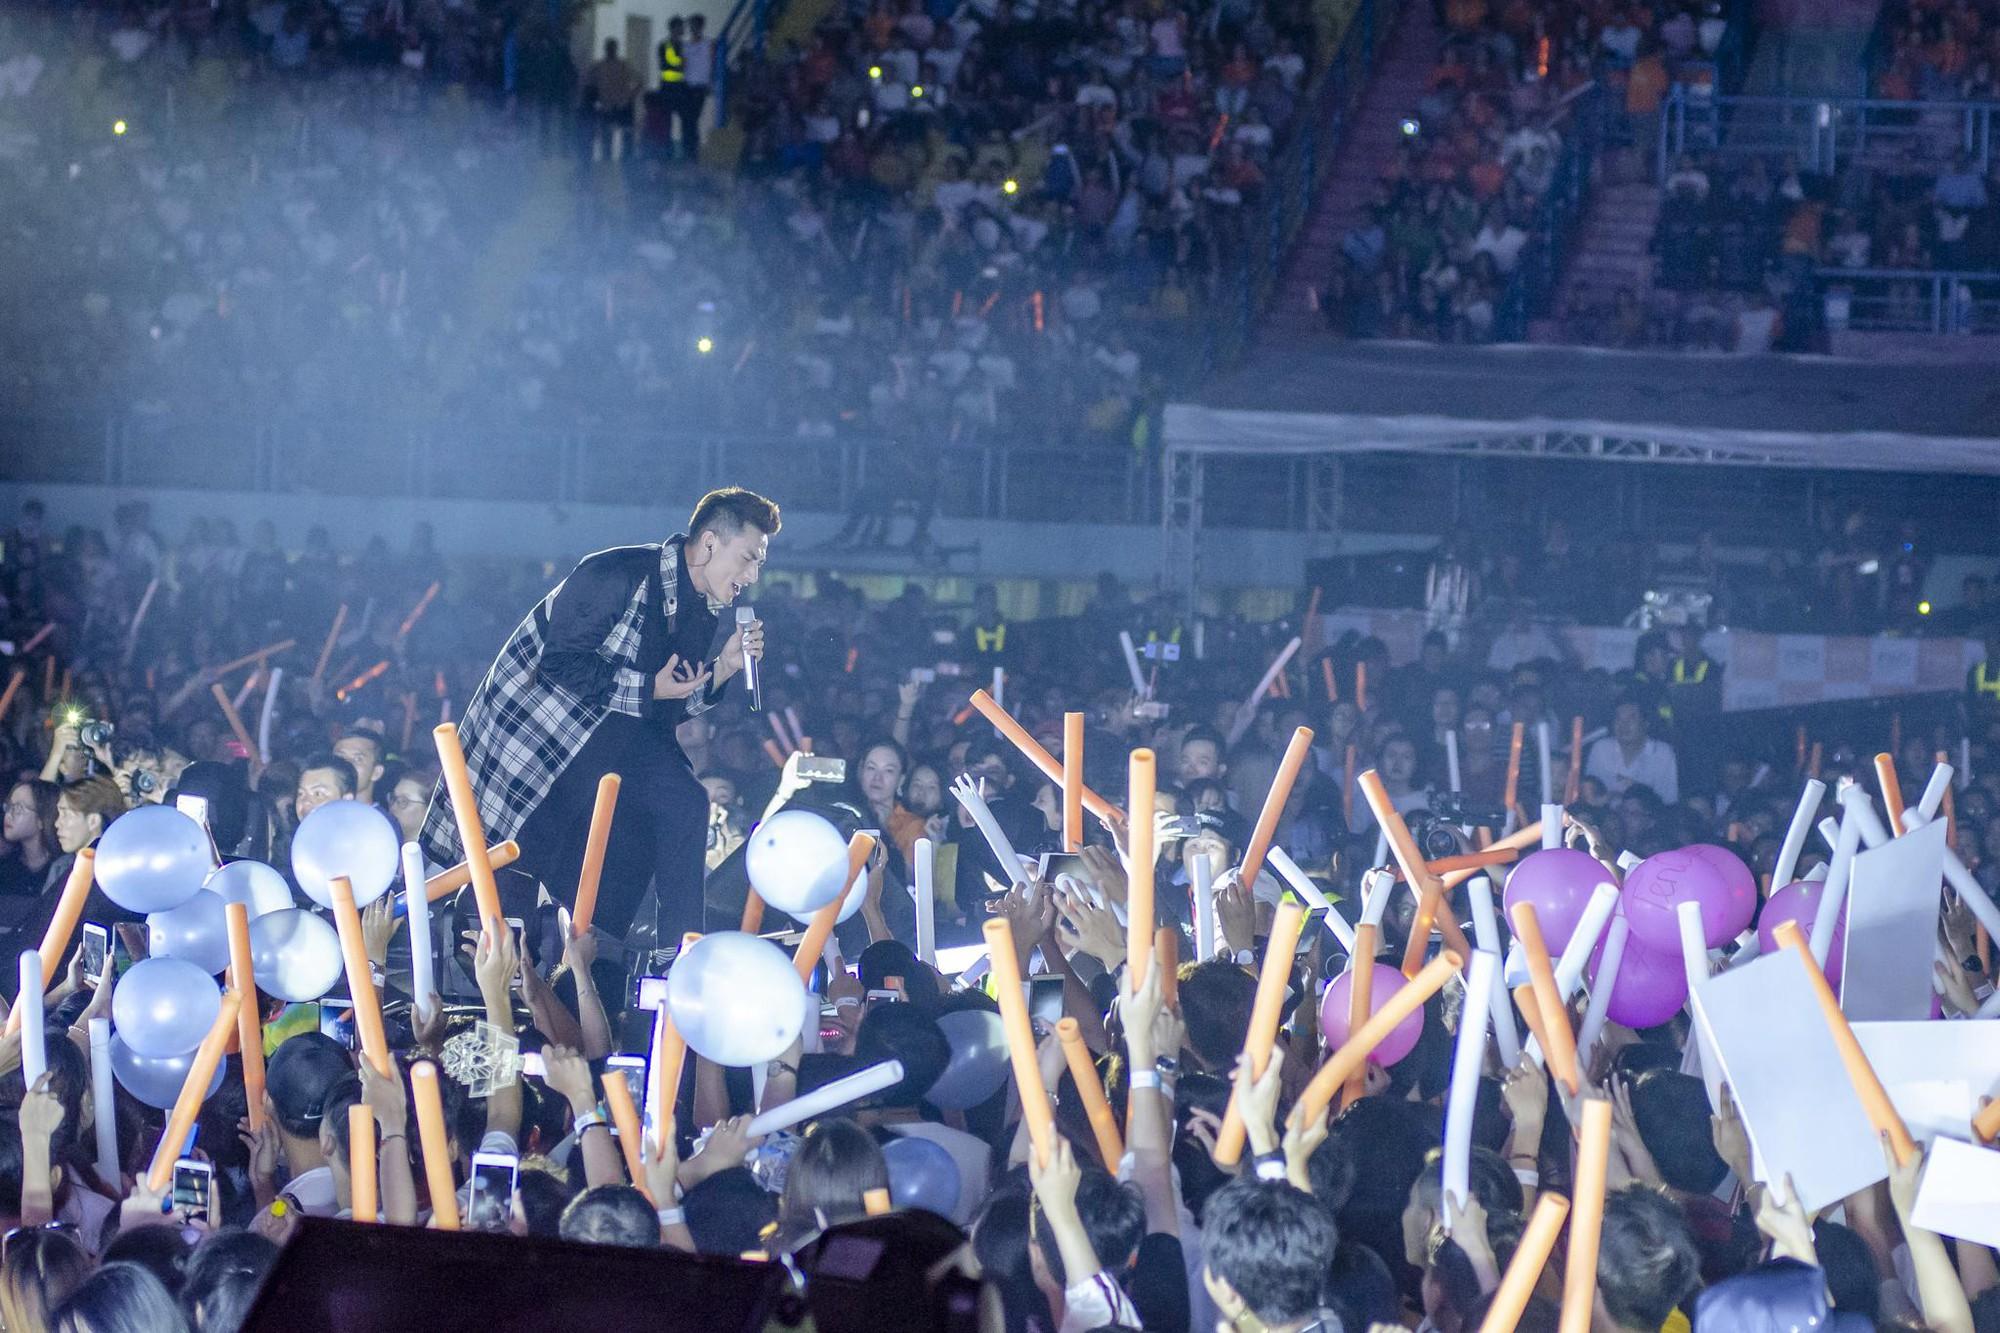 Sơn Tùng trở lại, Đen Vâu lần đầu góp mặt: Liệu hit nào sẽ làm nổ tung sân khấu đại nhạc hội tháng 10 này! - Ảnh 6.